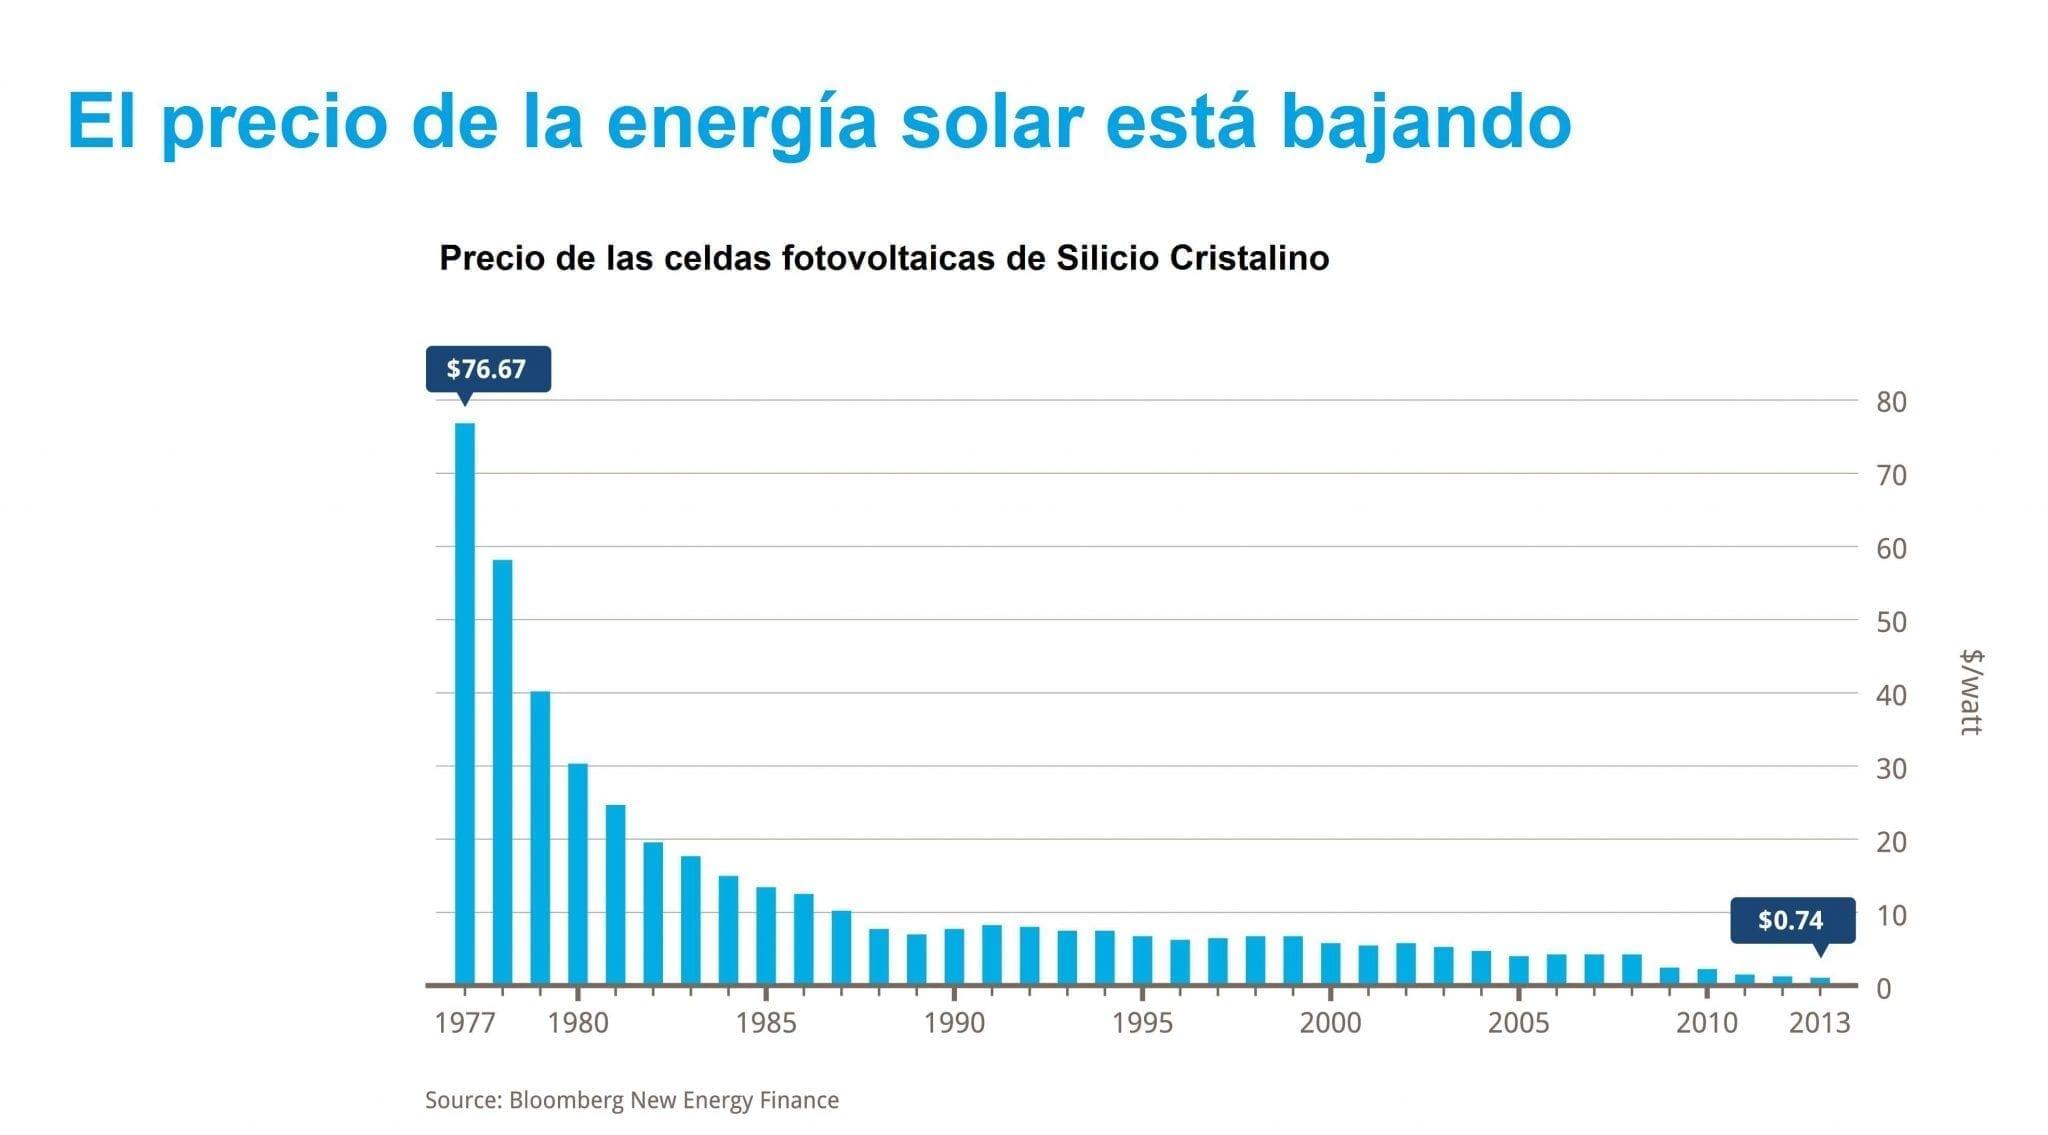 El precio de la energía esta bajando